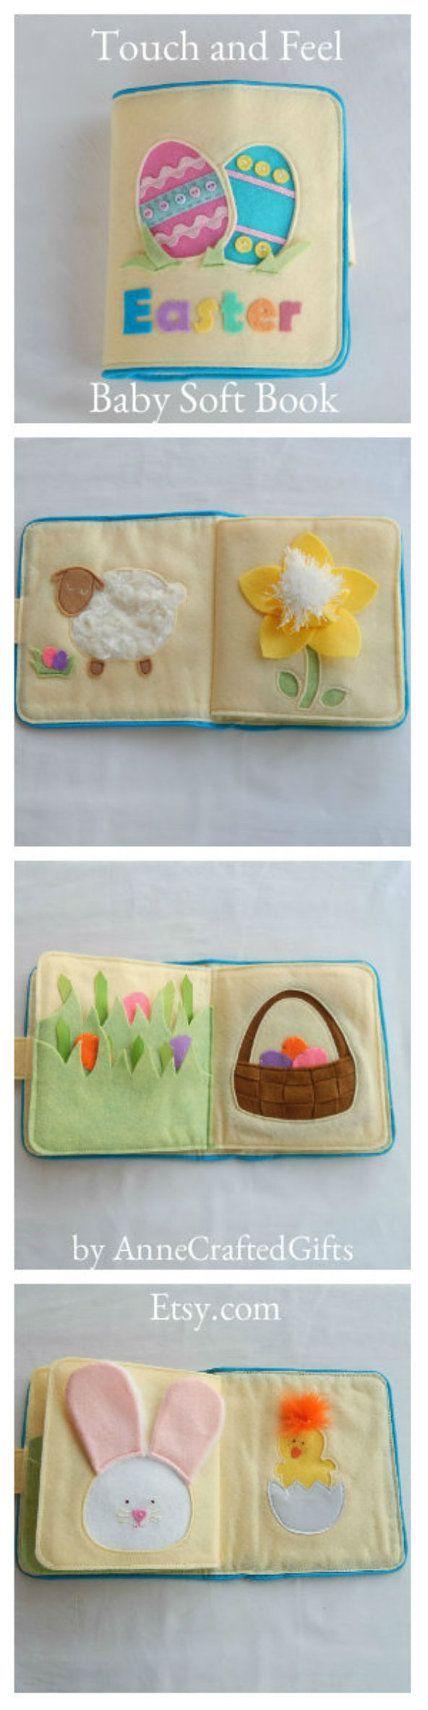 Dieses einzigartige ruhige Buch ist eine süße Geschenkidee für den Osterkorb …